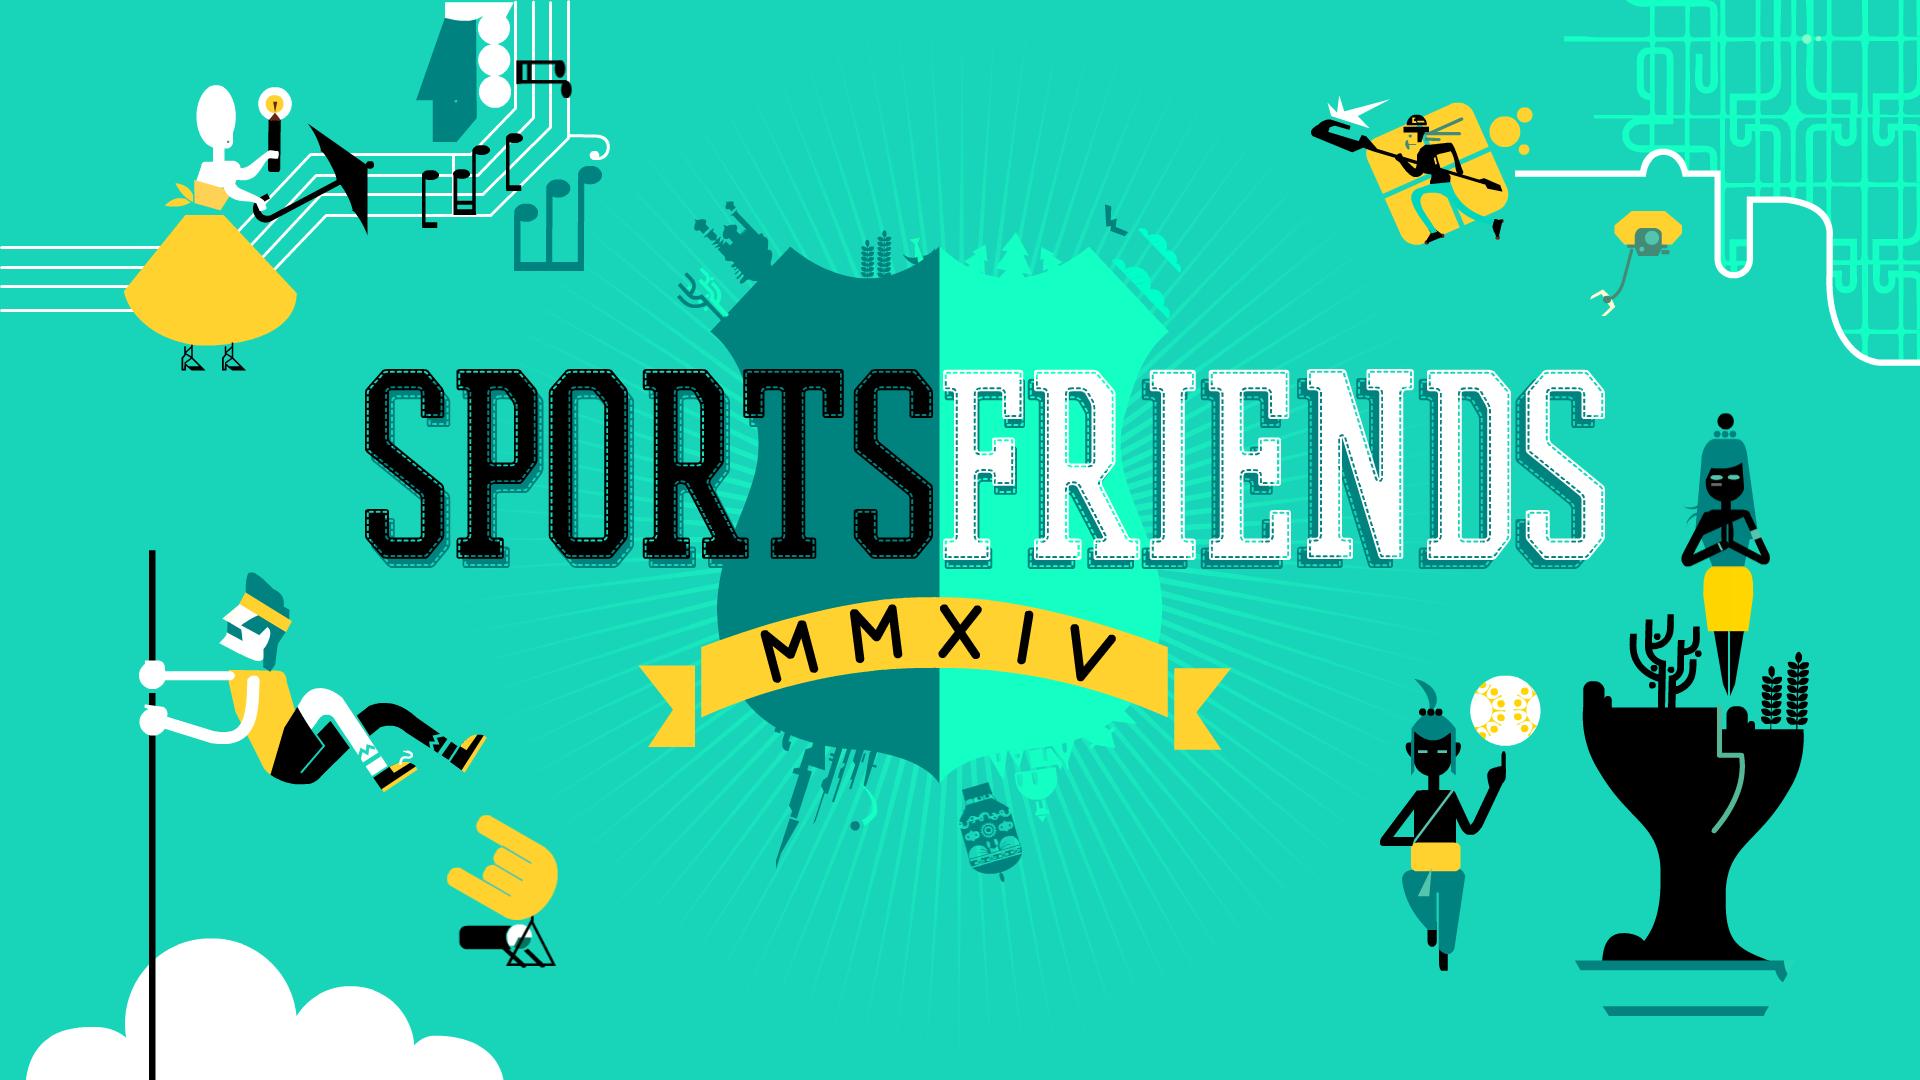 Sportsfriends (2014)